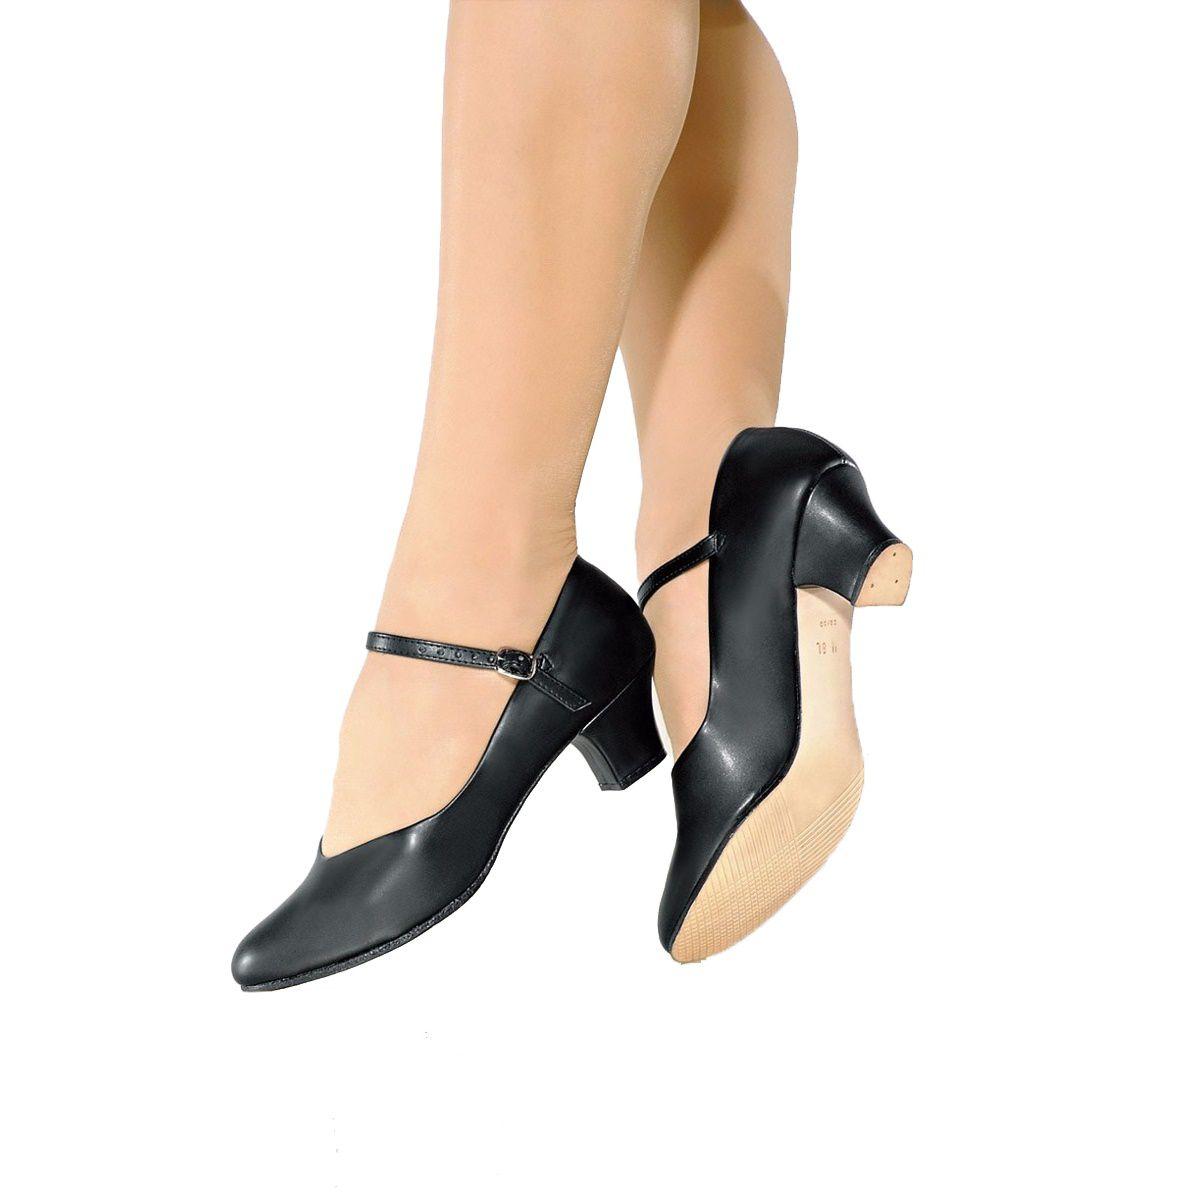 cc960c6b7c Sapato Dança De Salão Só Dança Napa Salto 5cm Preto - SPORT CENTER JARAGUÁ